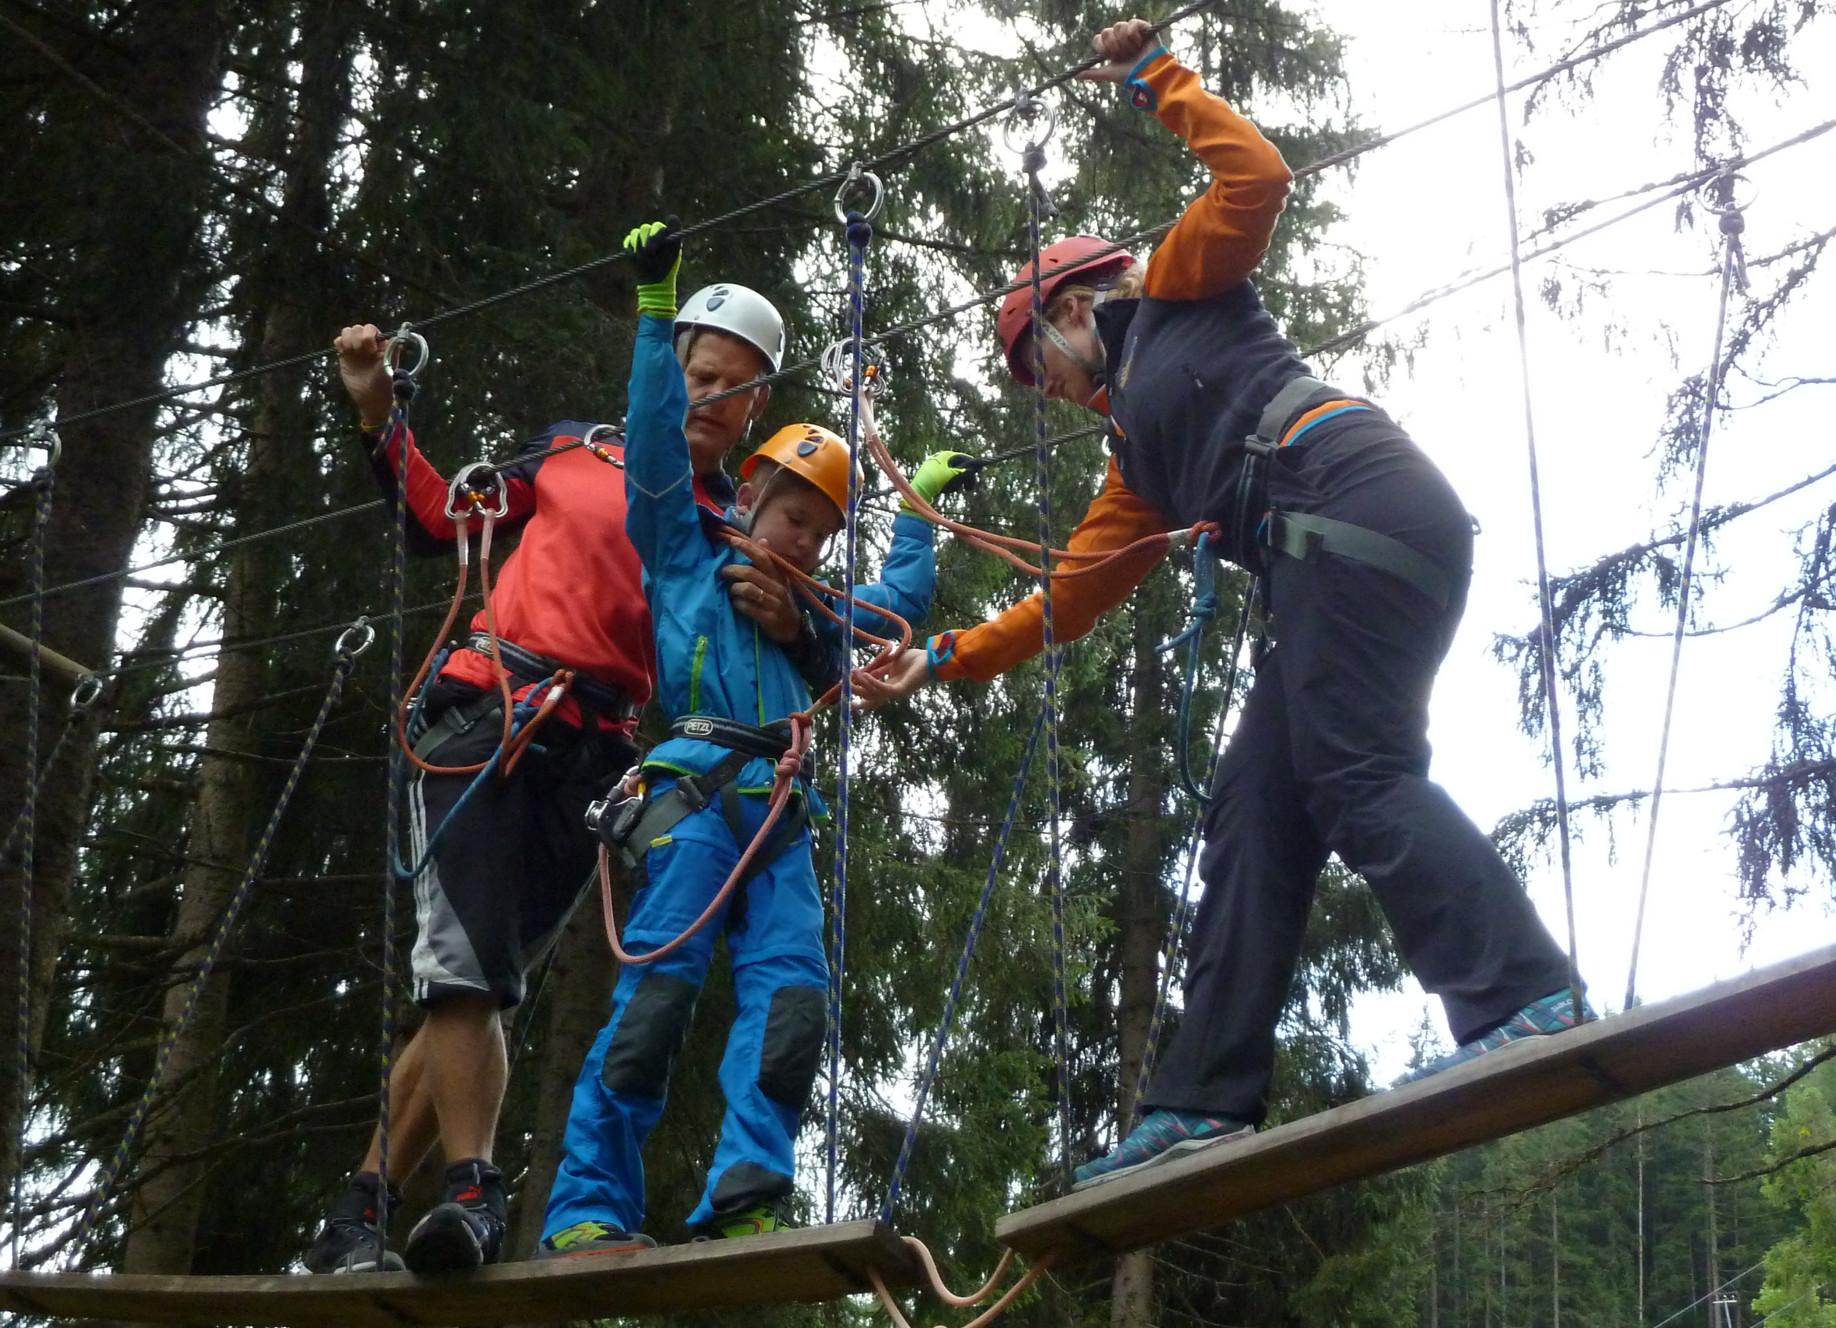 Klettern mit Behinderung beim Familien-Abenteuer-Urlaub